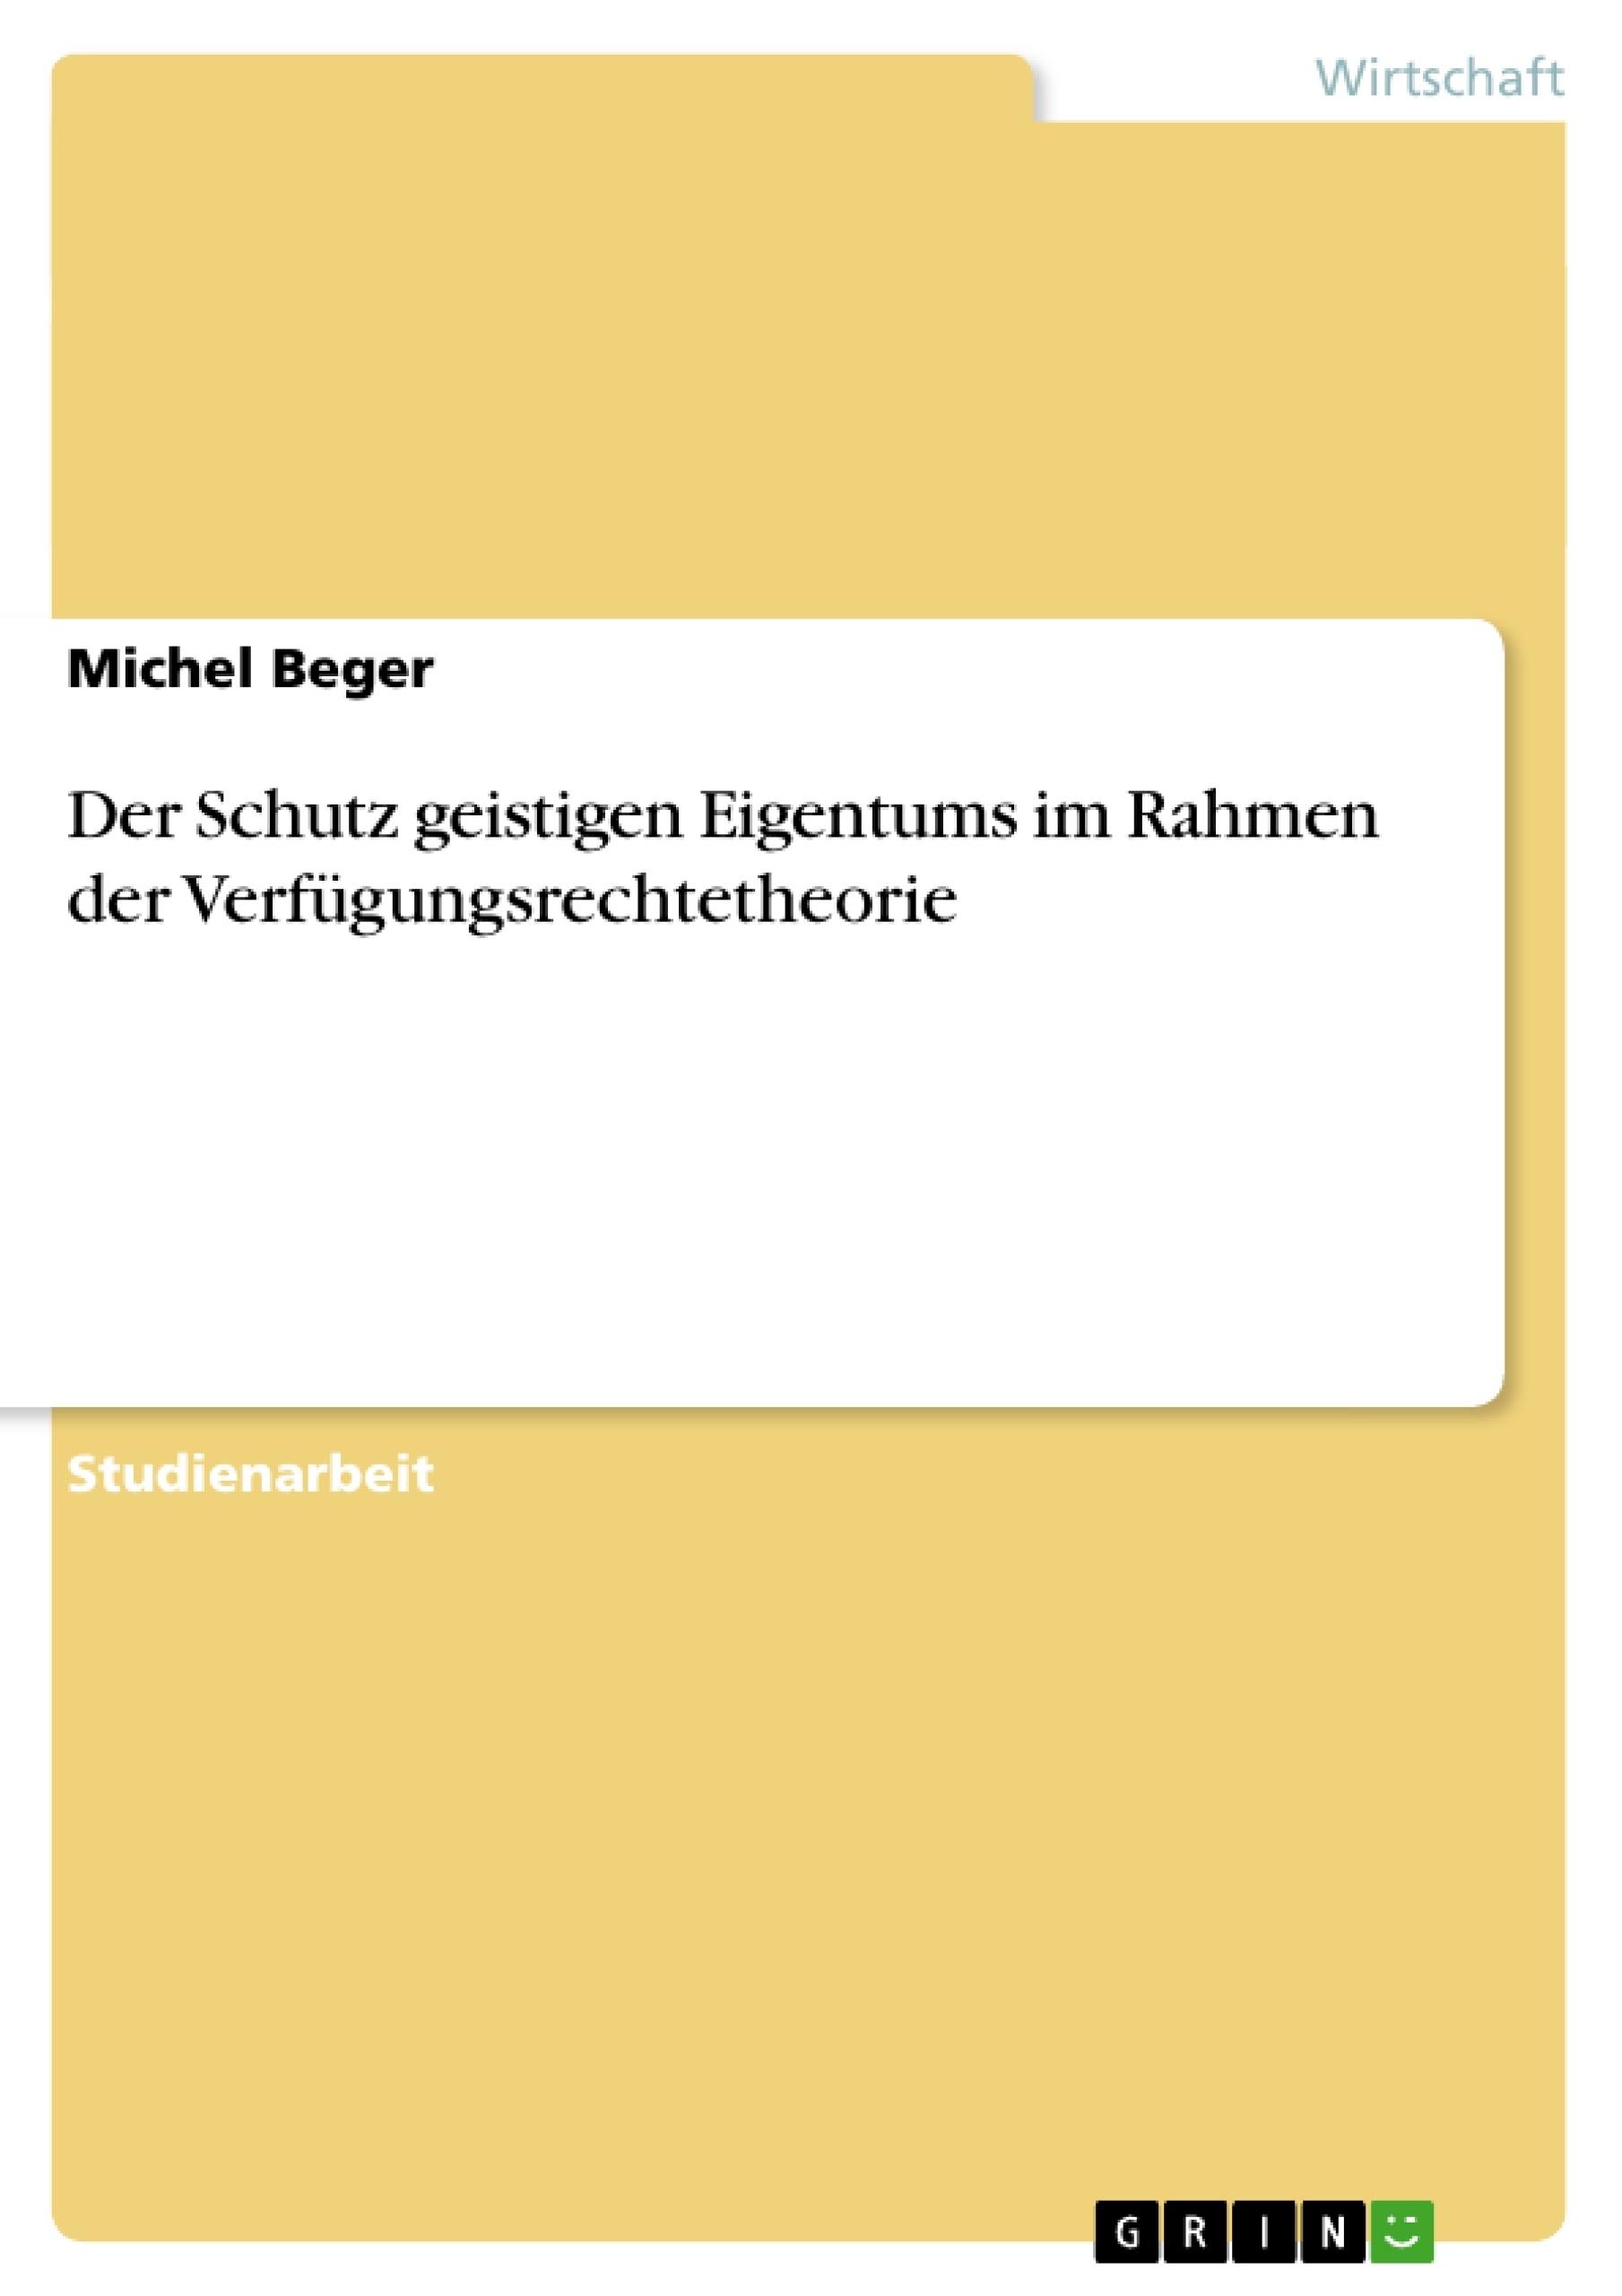 Titel: Der Schutz geistigen Eigentums im Rahmen der Verfügungsrechtetheorie